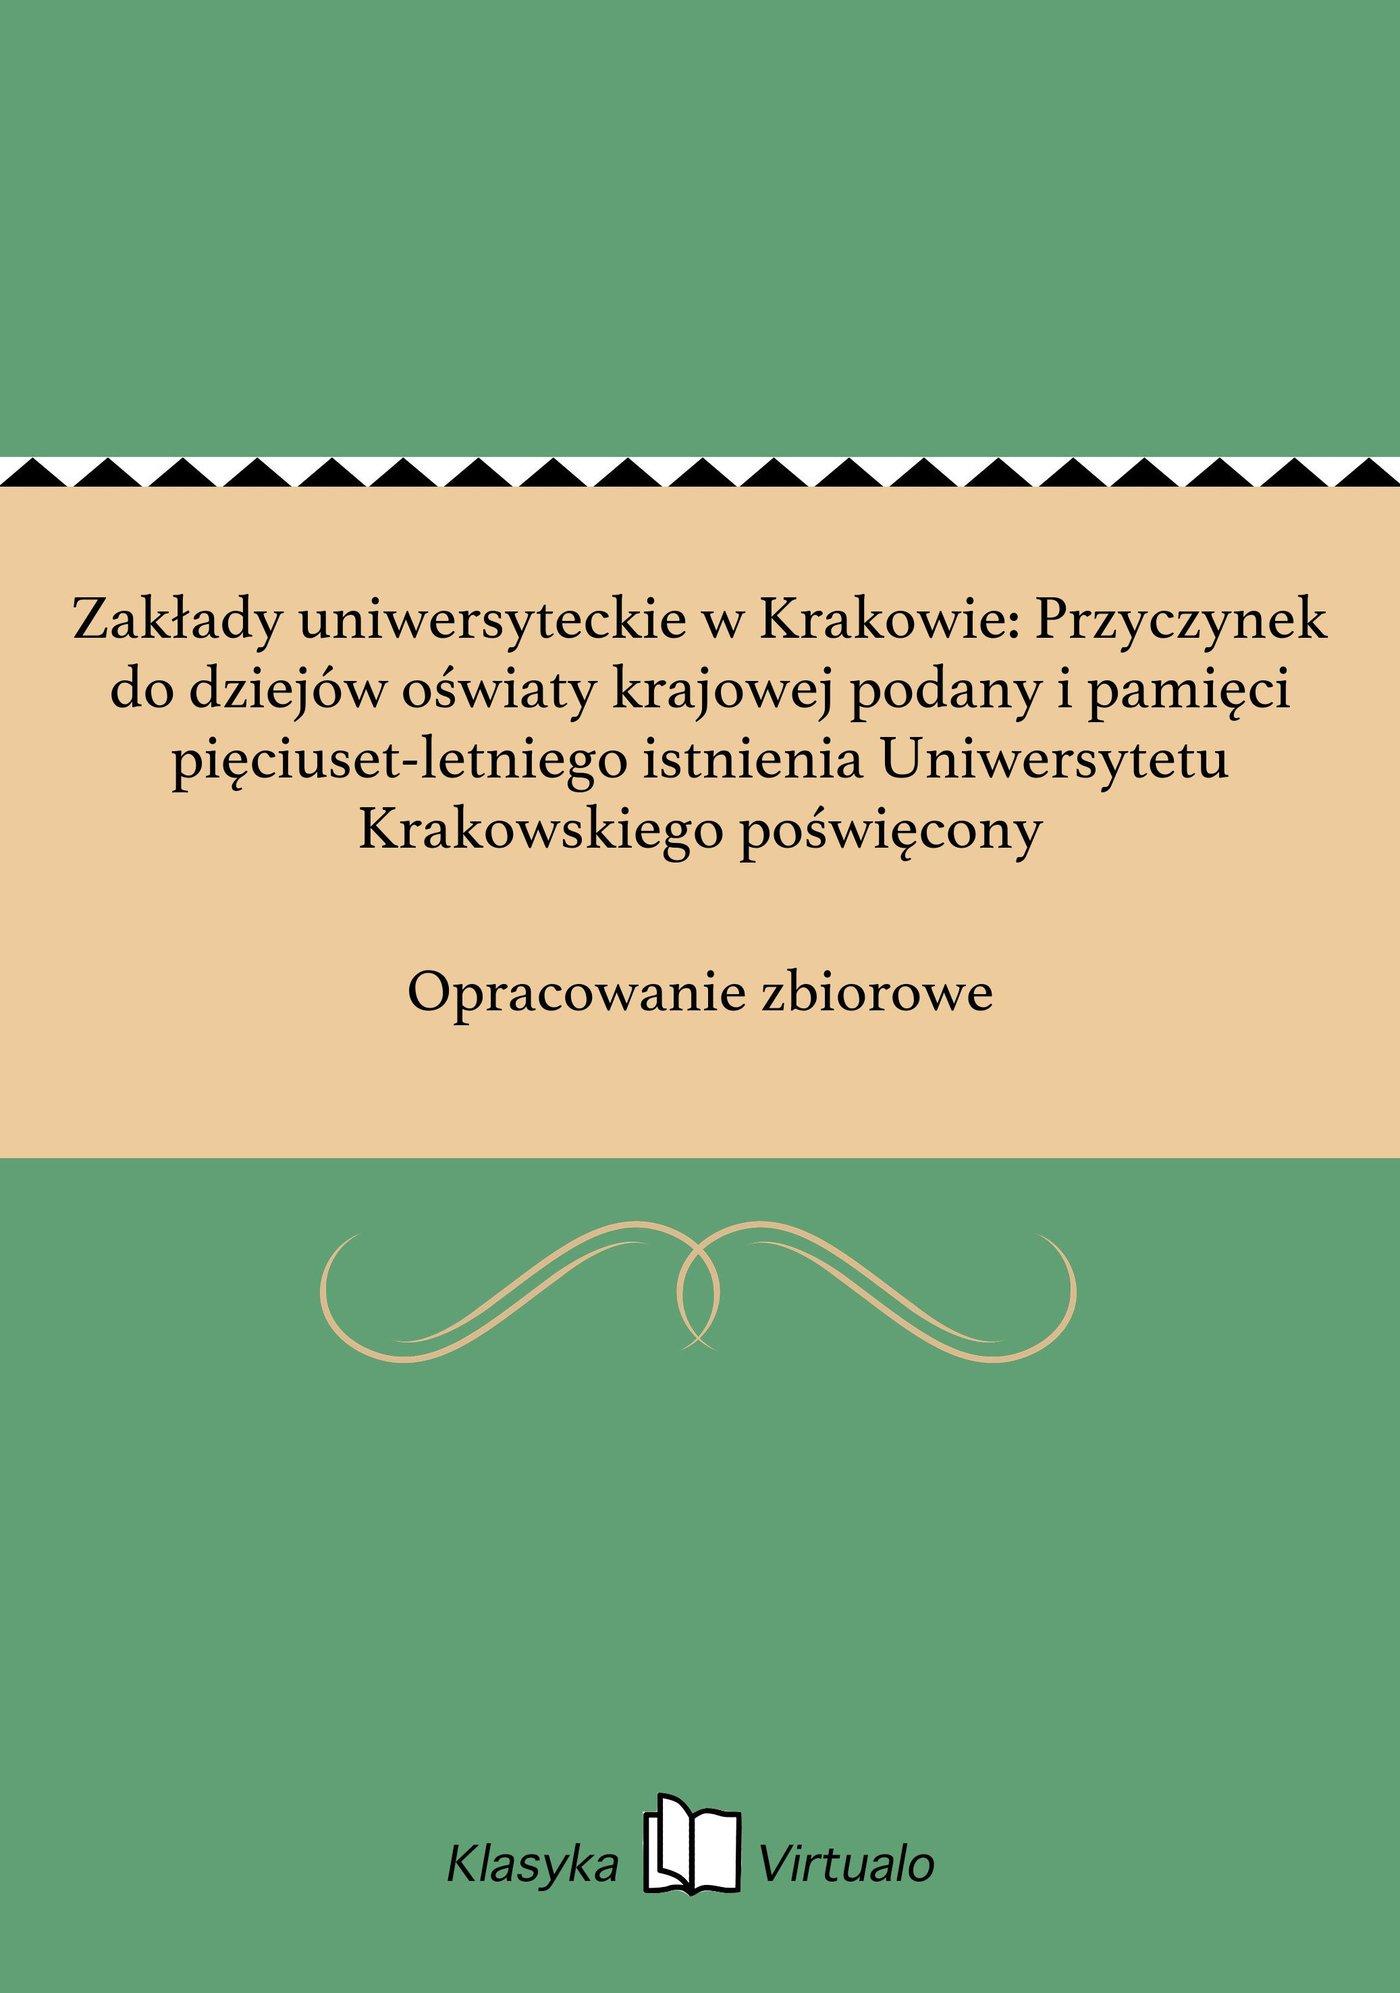 Zakłady uniwersyteckie w Krakowie: Przyczynek do dziejów oświaty krajowej podany i pamięci pięciuset-letniego istnienia Uniwersytetu Krakowskiego poświęcony - Ebook (Książka EPUB) do pobrania w formacie EPUB